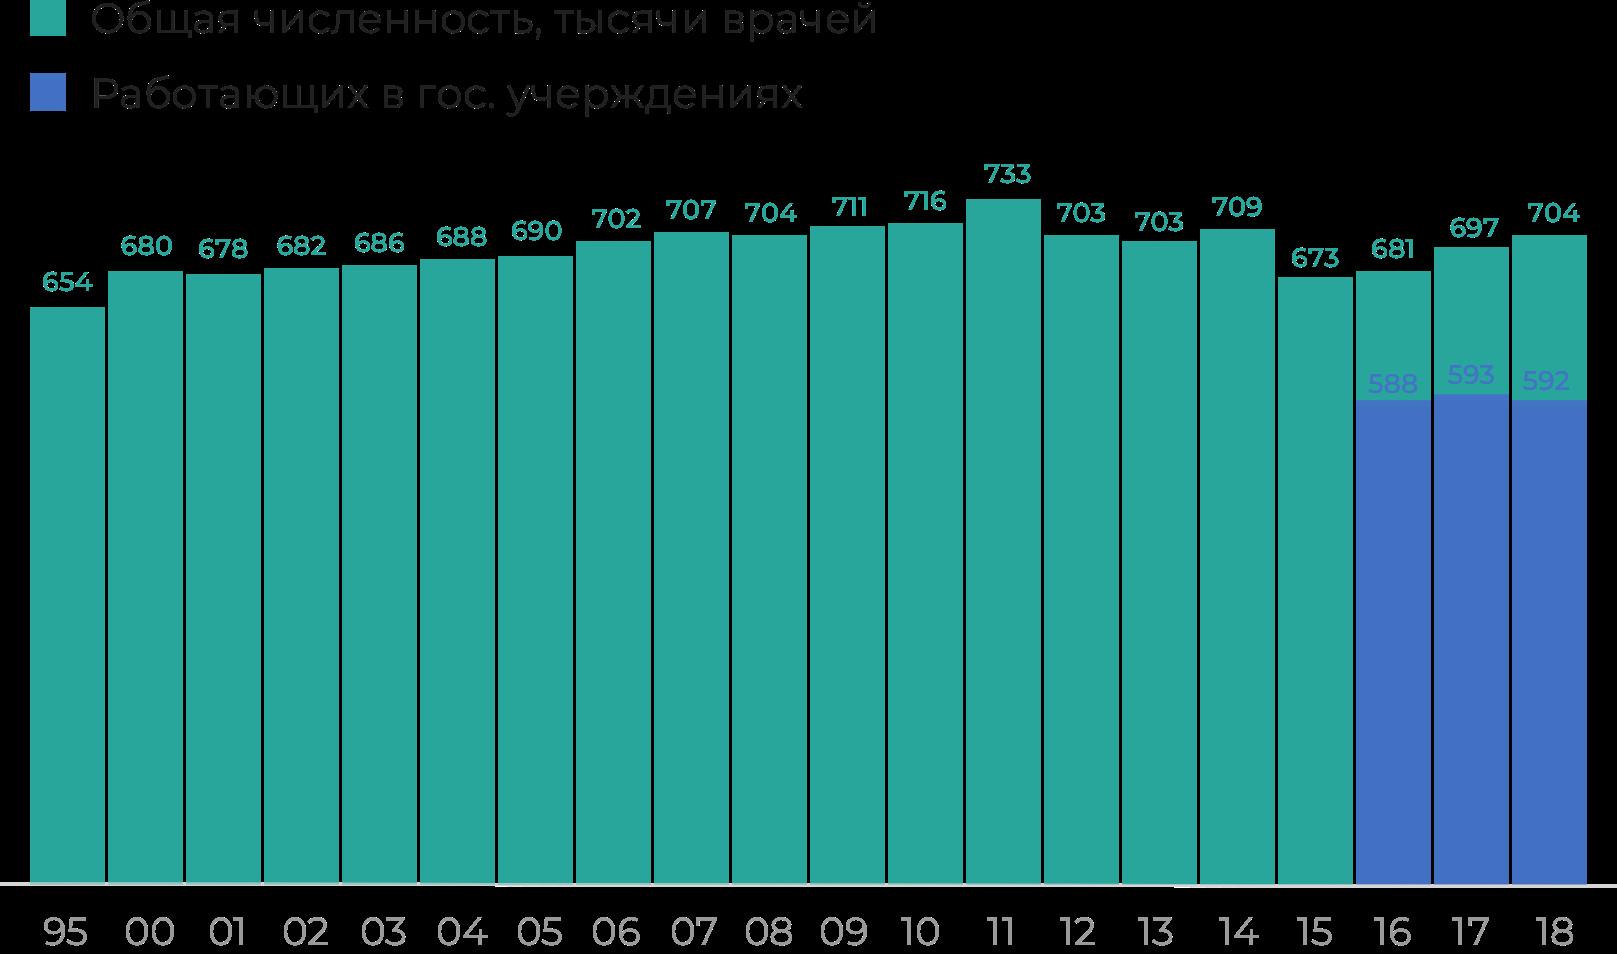 Инфографика: рост числа врачей в2017-2019годах произошел засчет частного сектора, одна из причин — высокая нагрузка на врачей в государственных больницах.